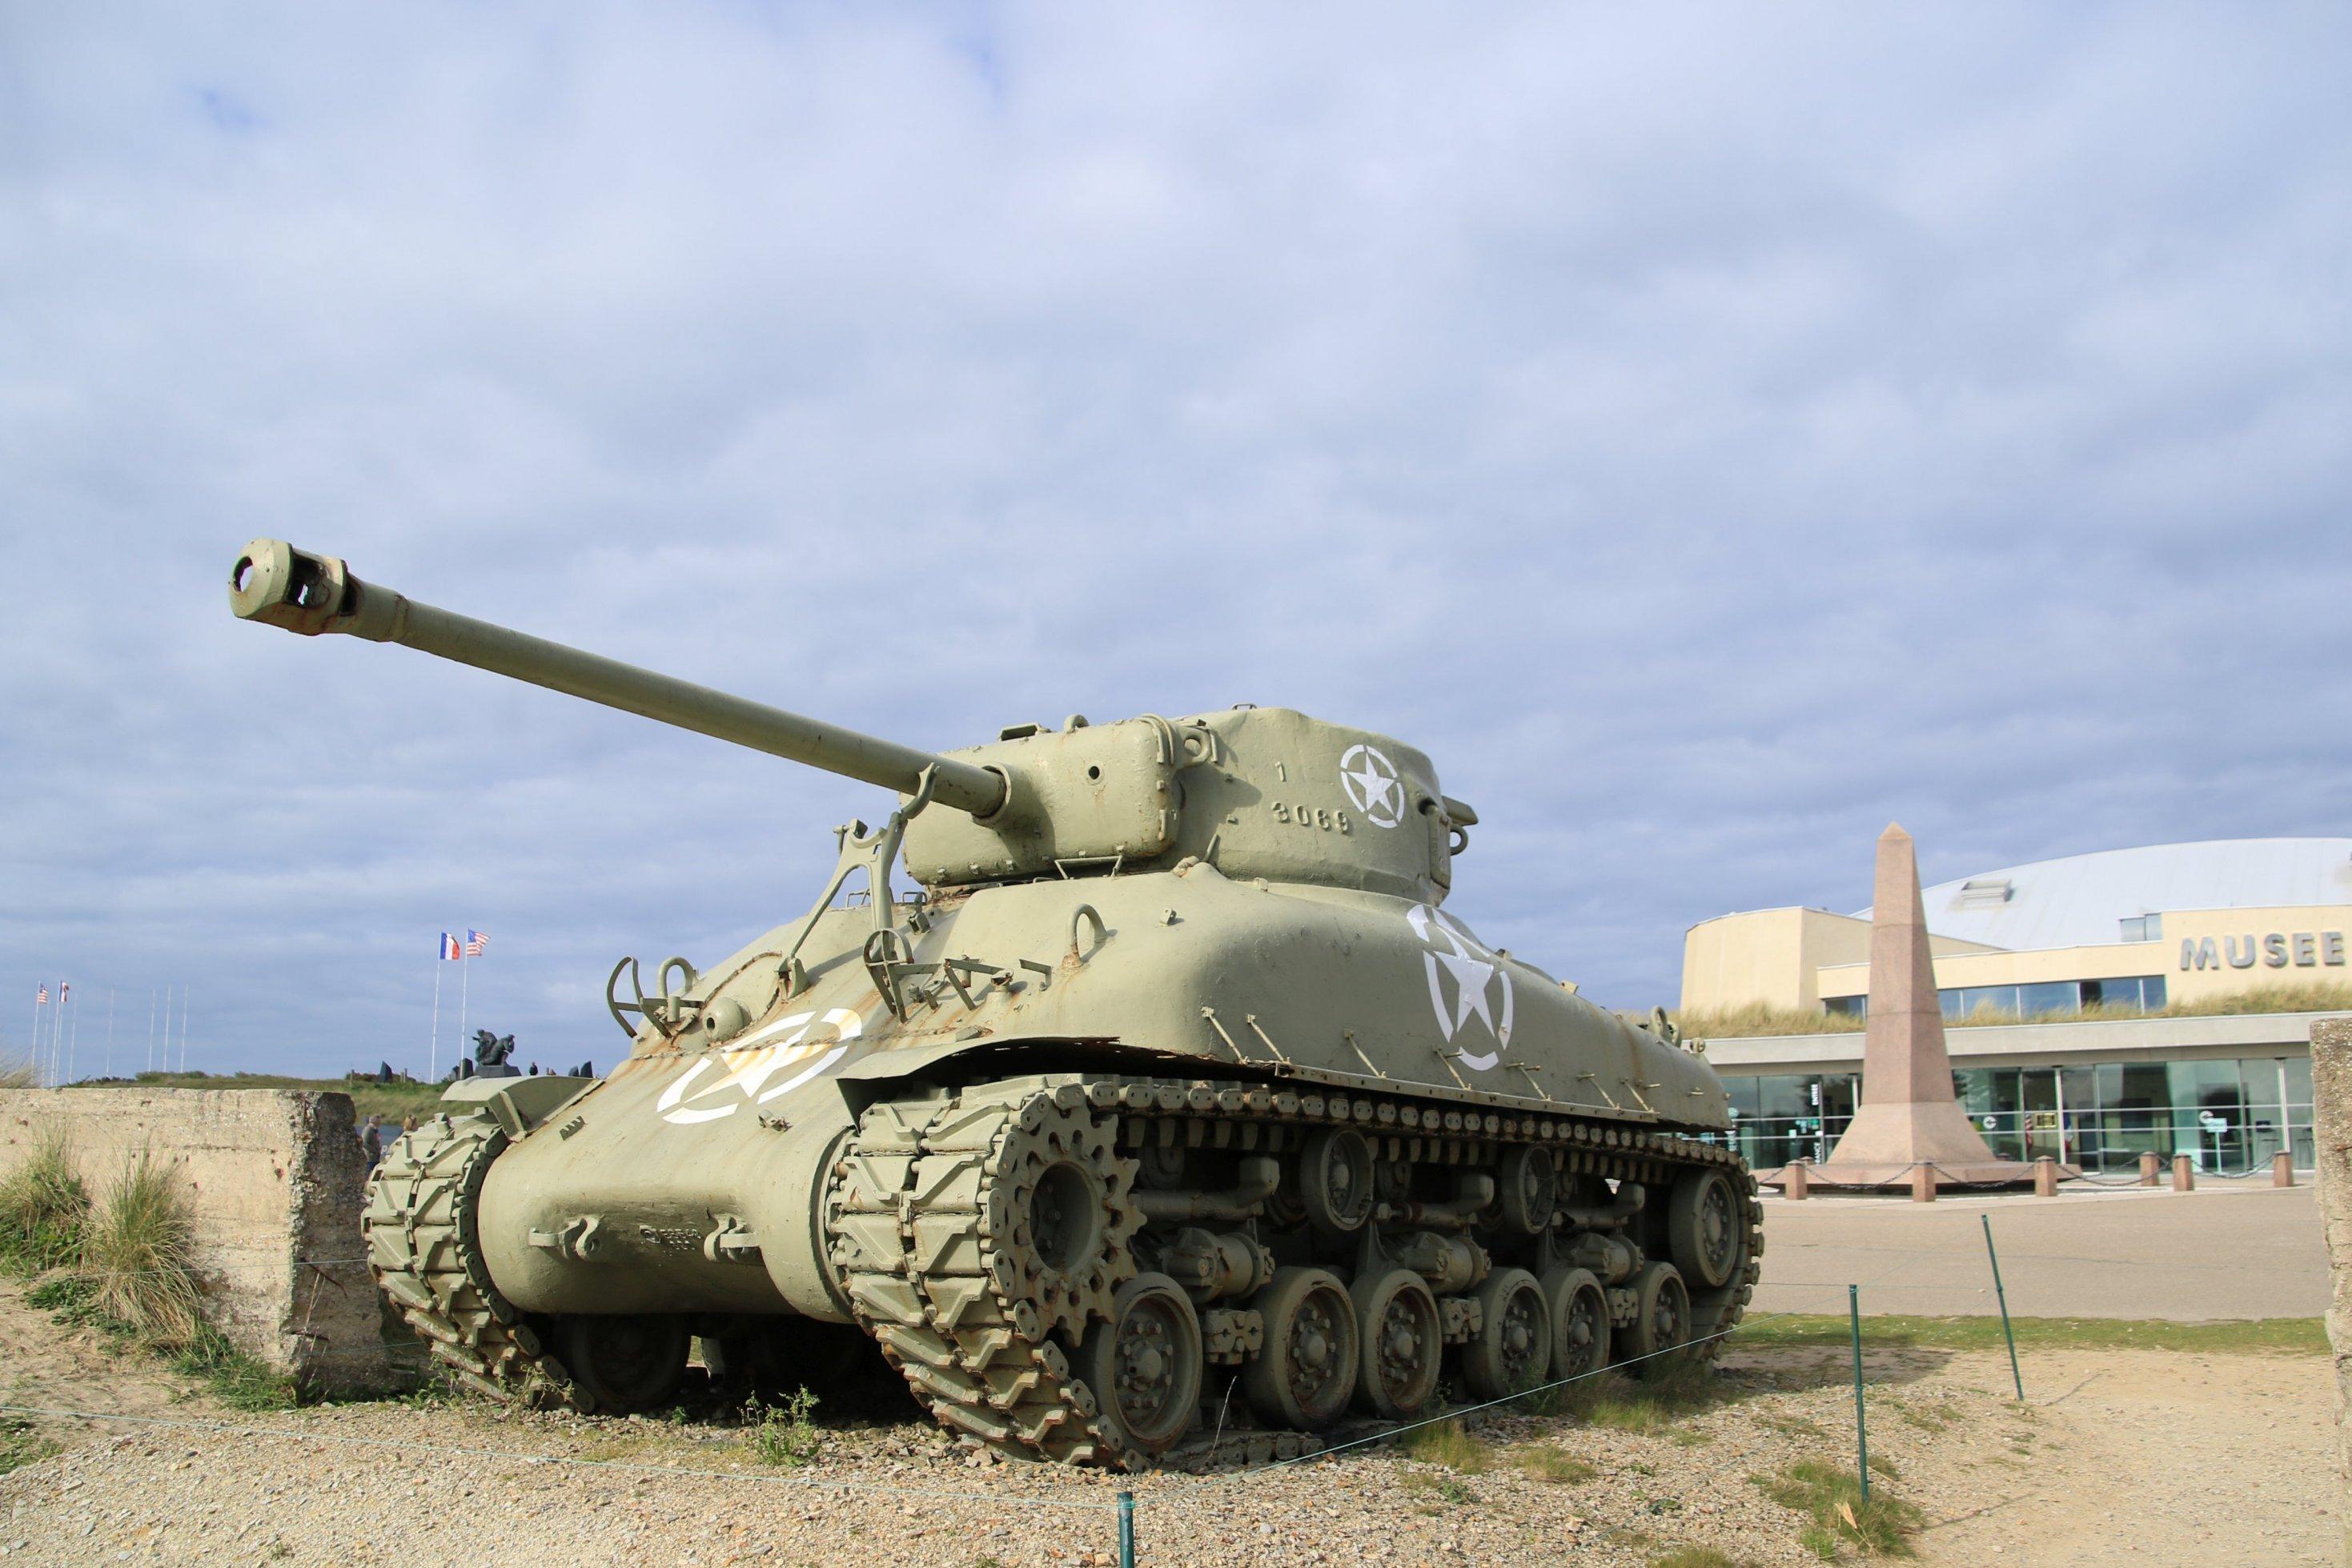 Ein ausrangierter Panzer steht vor einem Museum